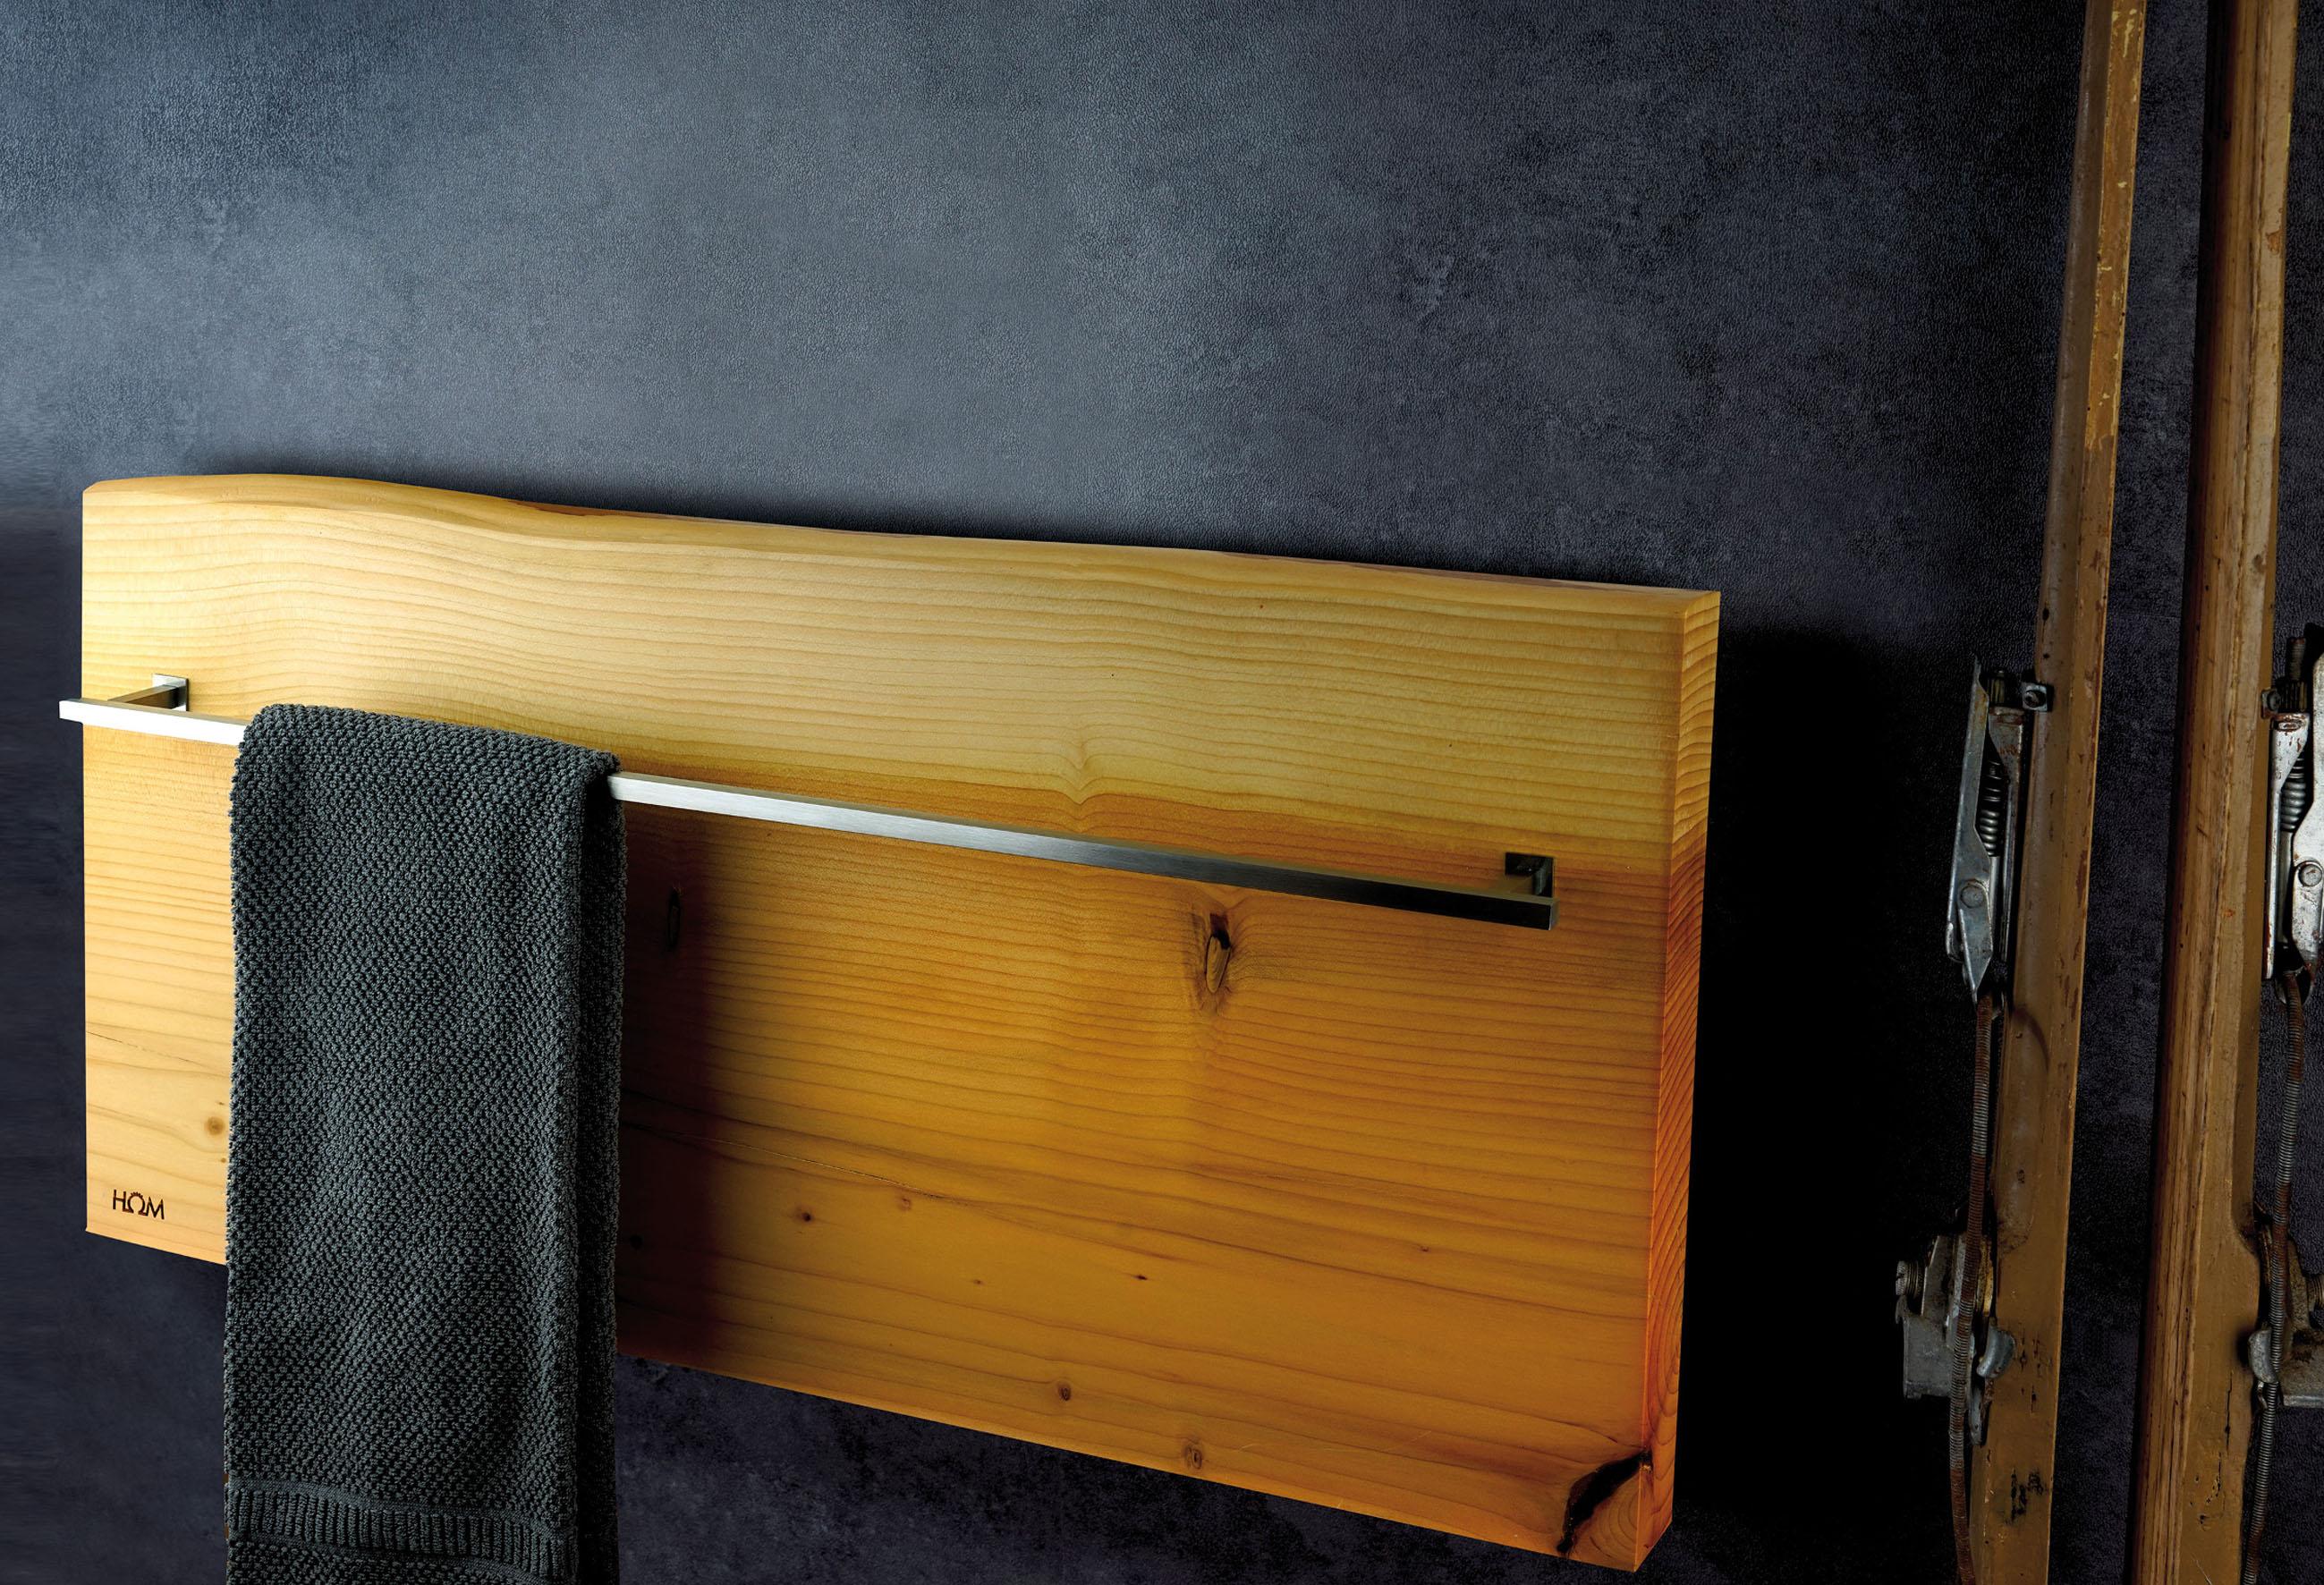 HOM, complementi riscaldanti e radiatori a basso consumo al Cersaie di Bologna